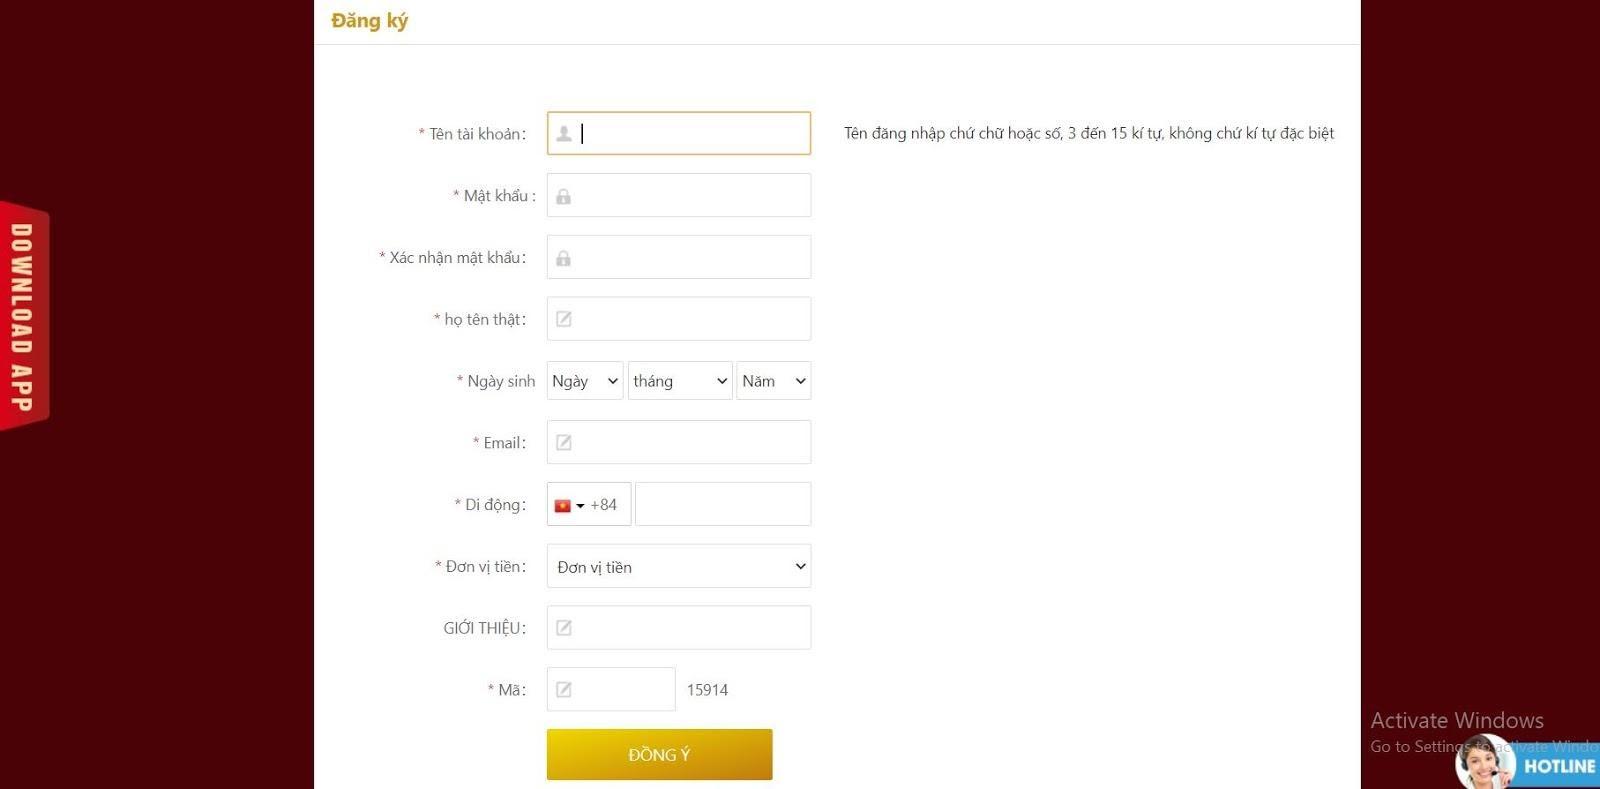 Đăng ký tài khoản ở nhà cái Win2255